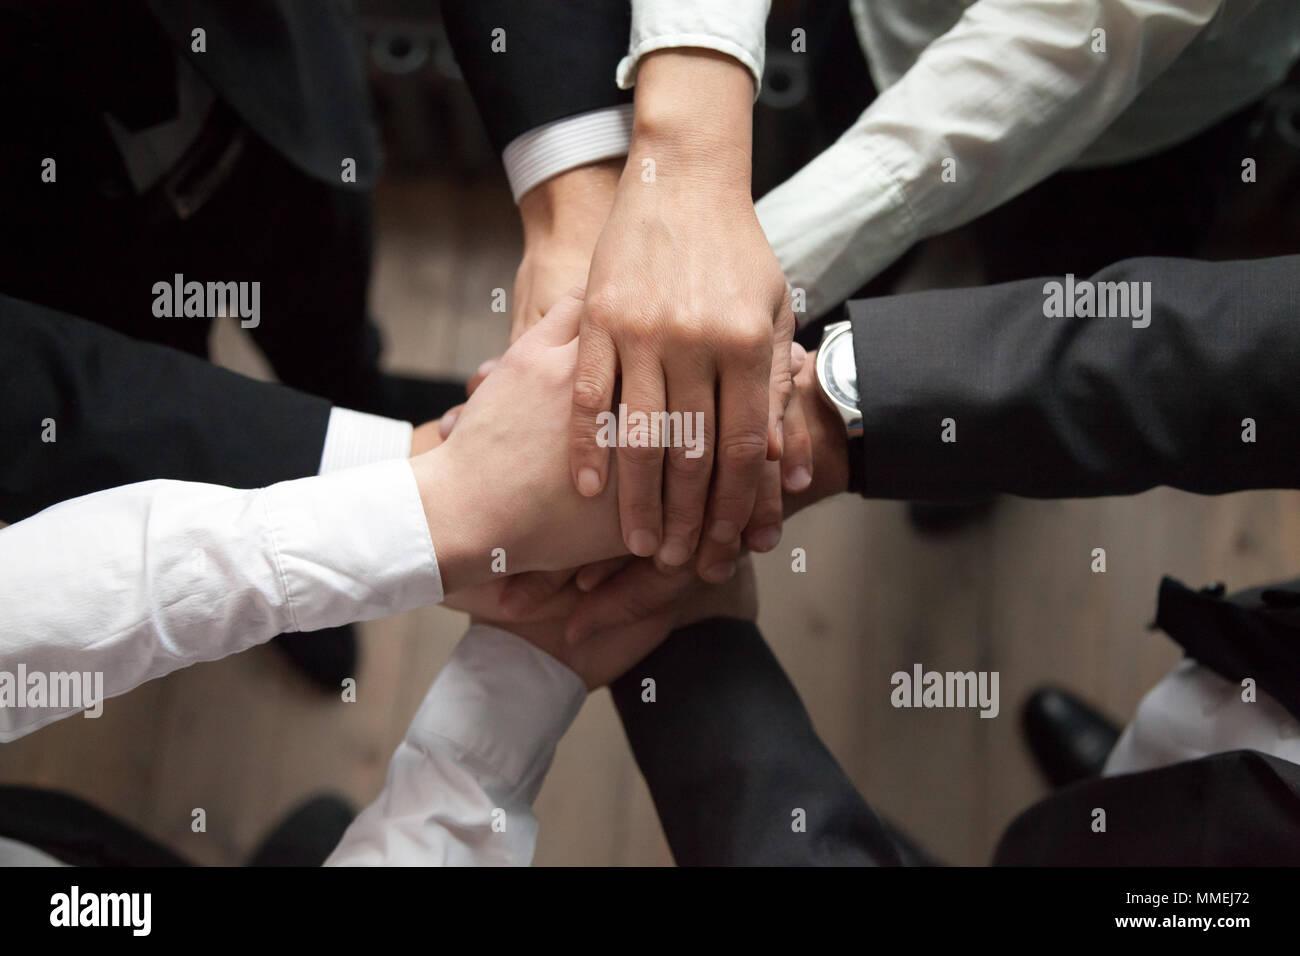 Motiviert Geschäftsleute Hände zusammen, Vertrauen und Unterstützung Stockbild